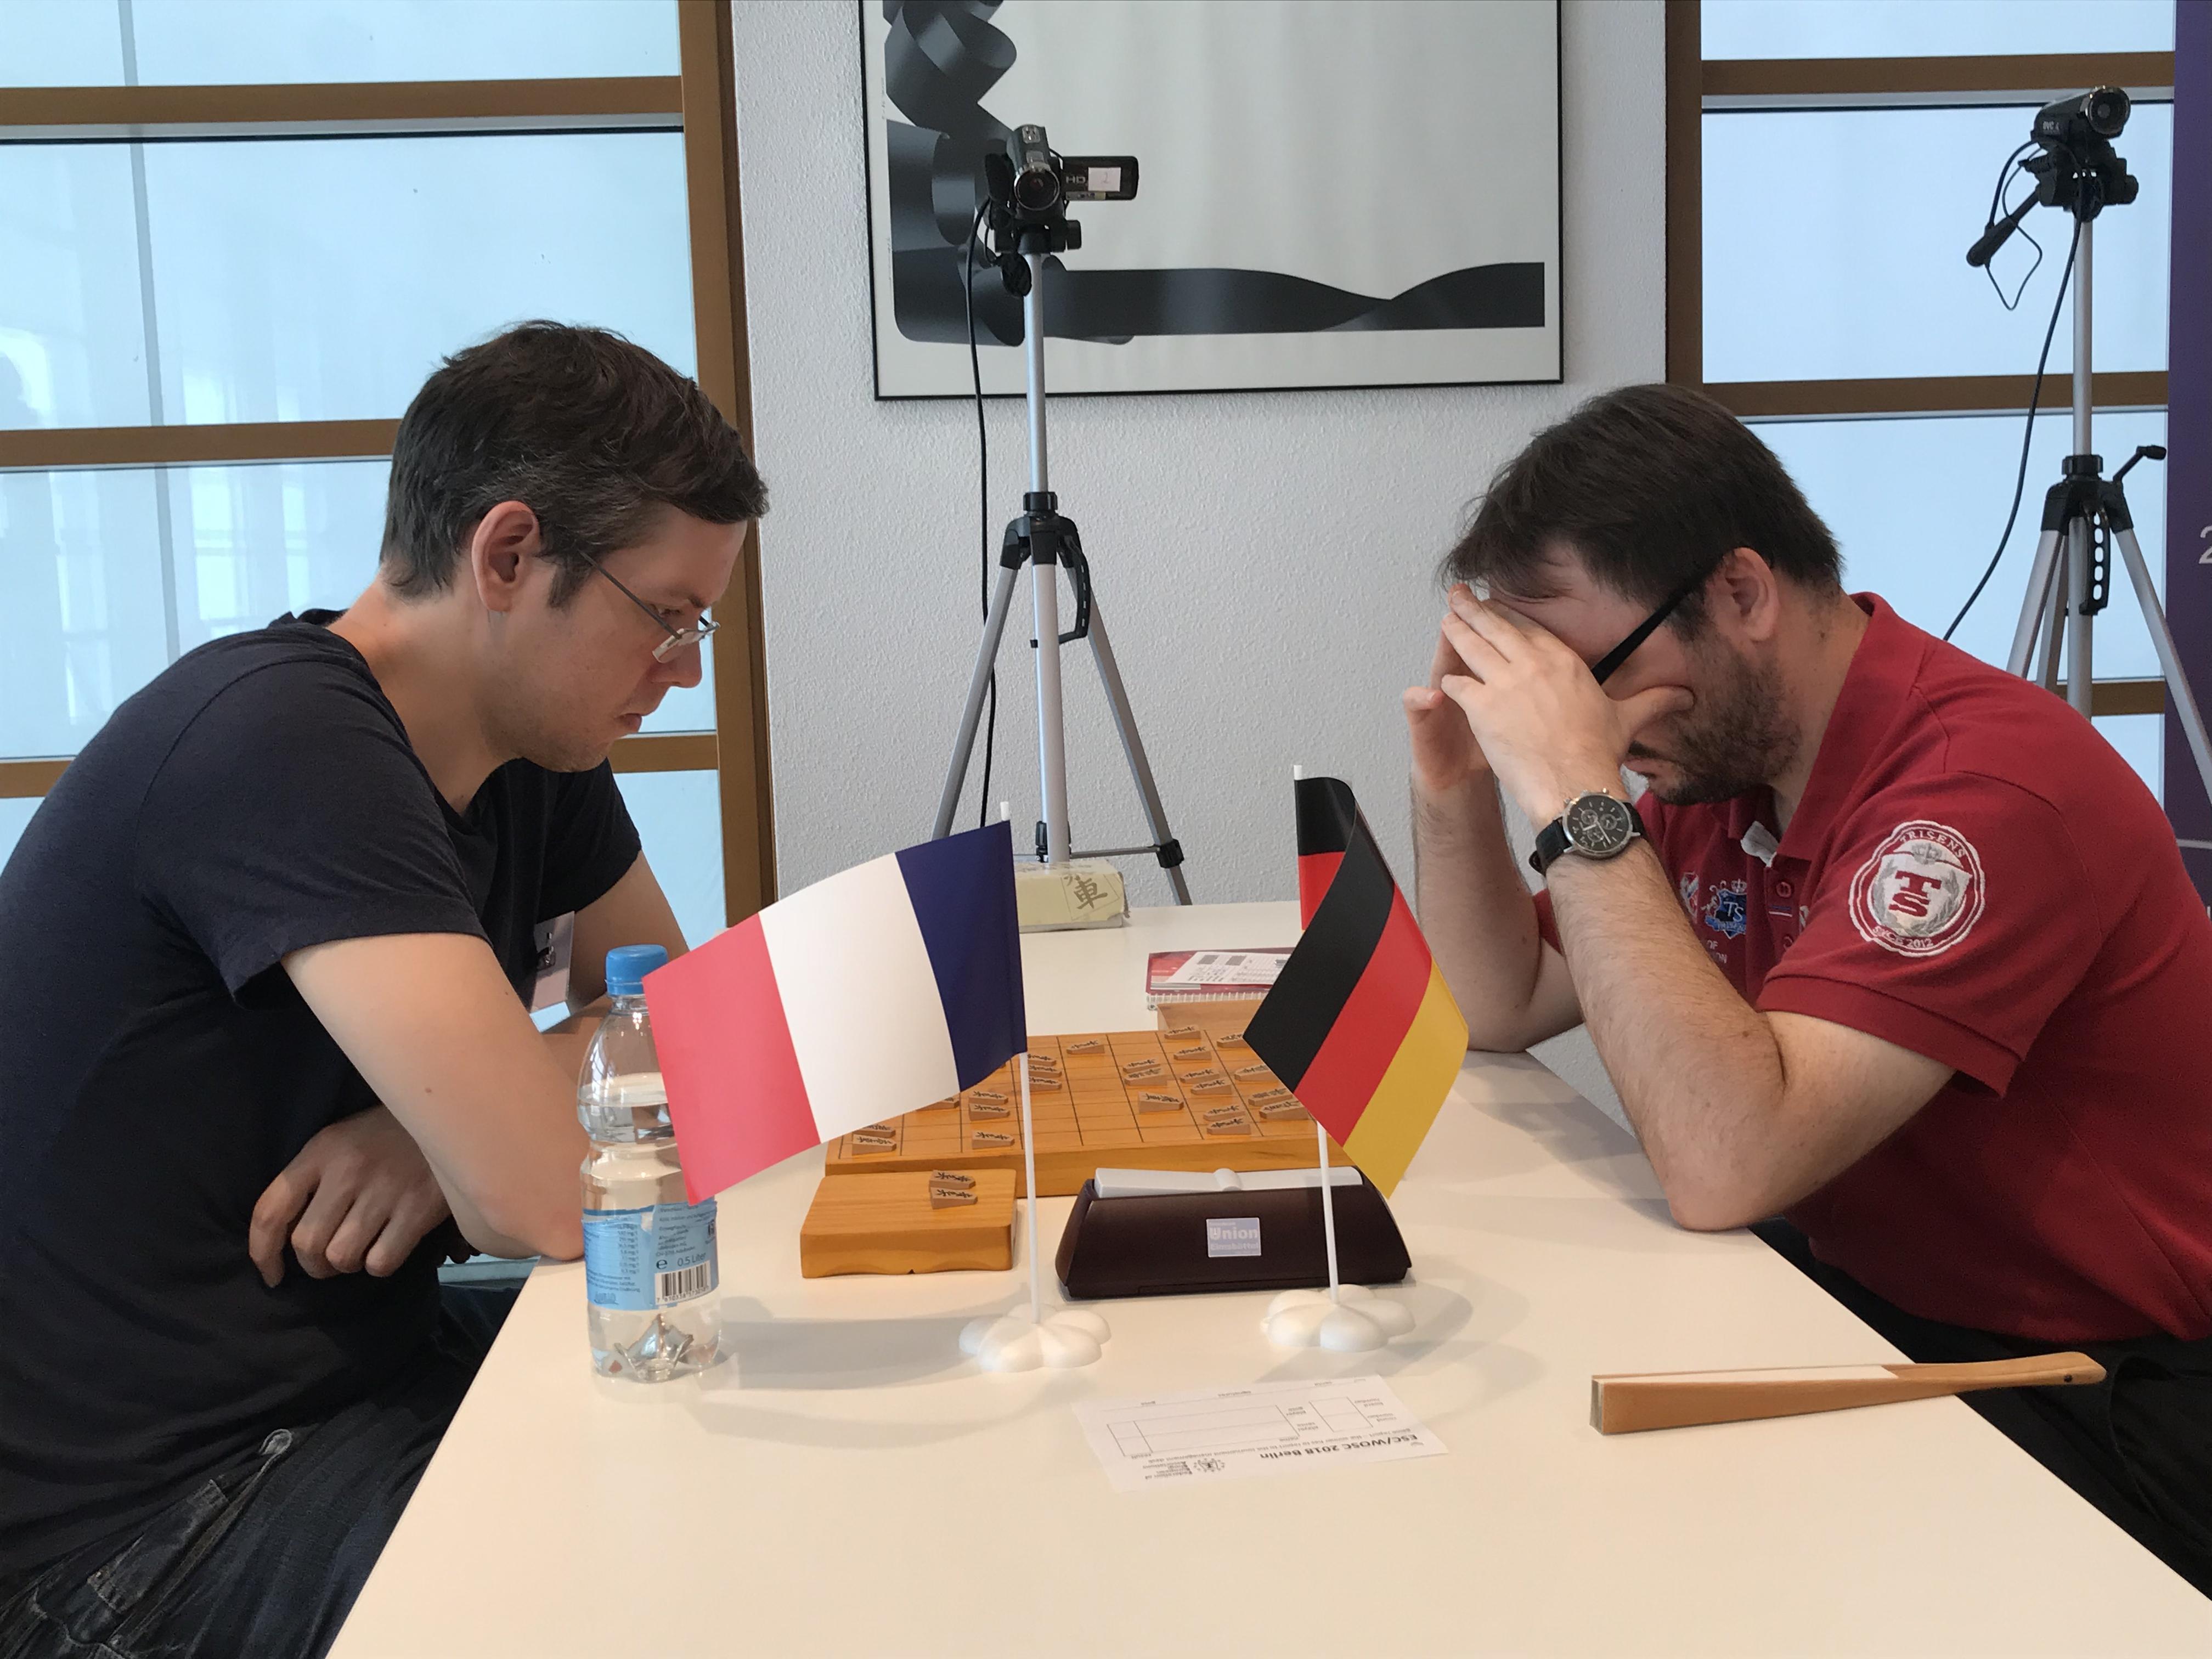 フォルタンさん(左)とライターさん(右)による決勝戦